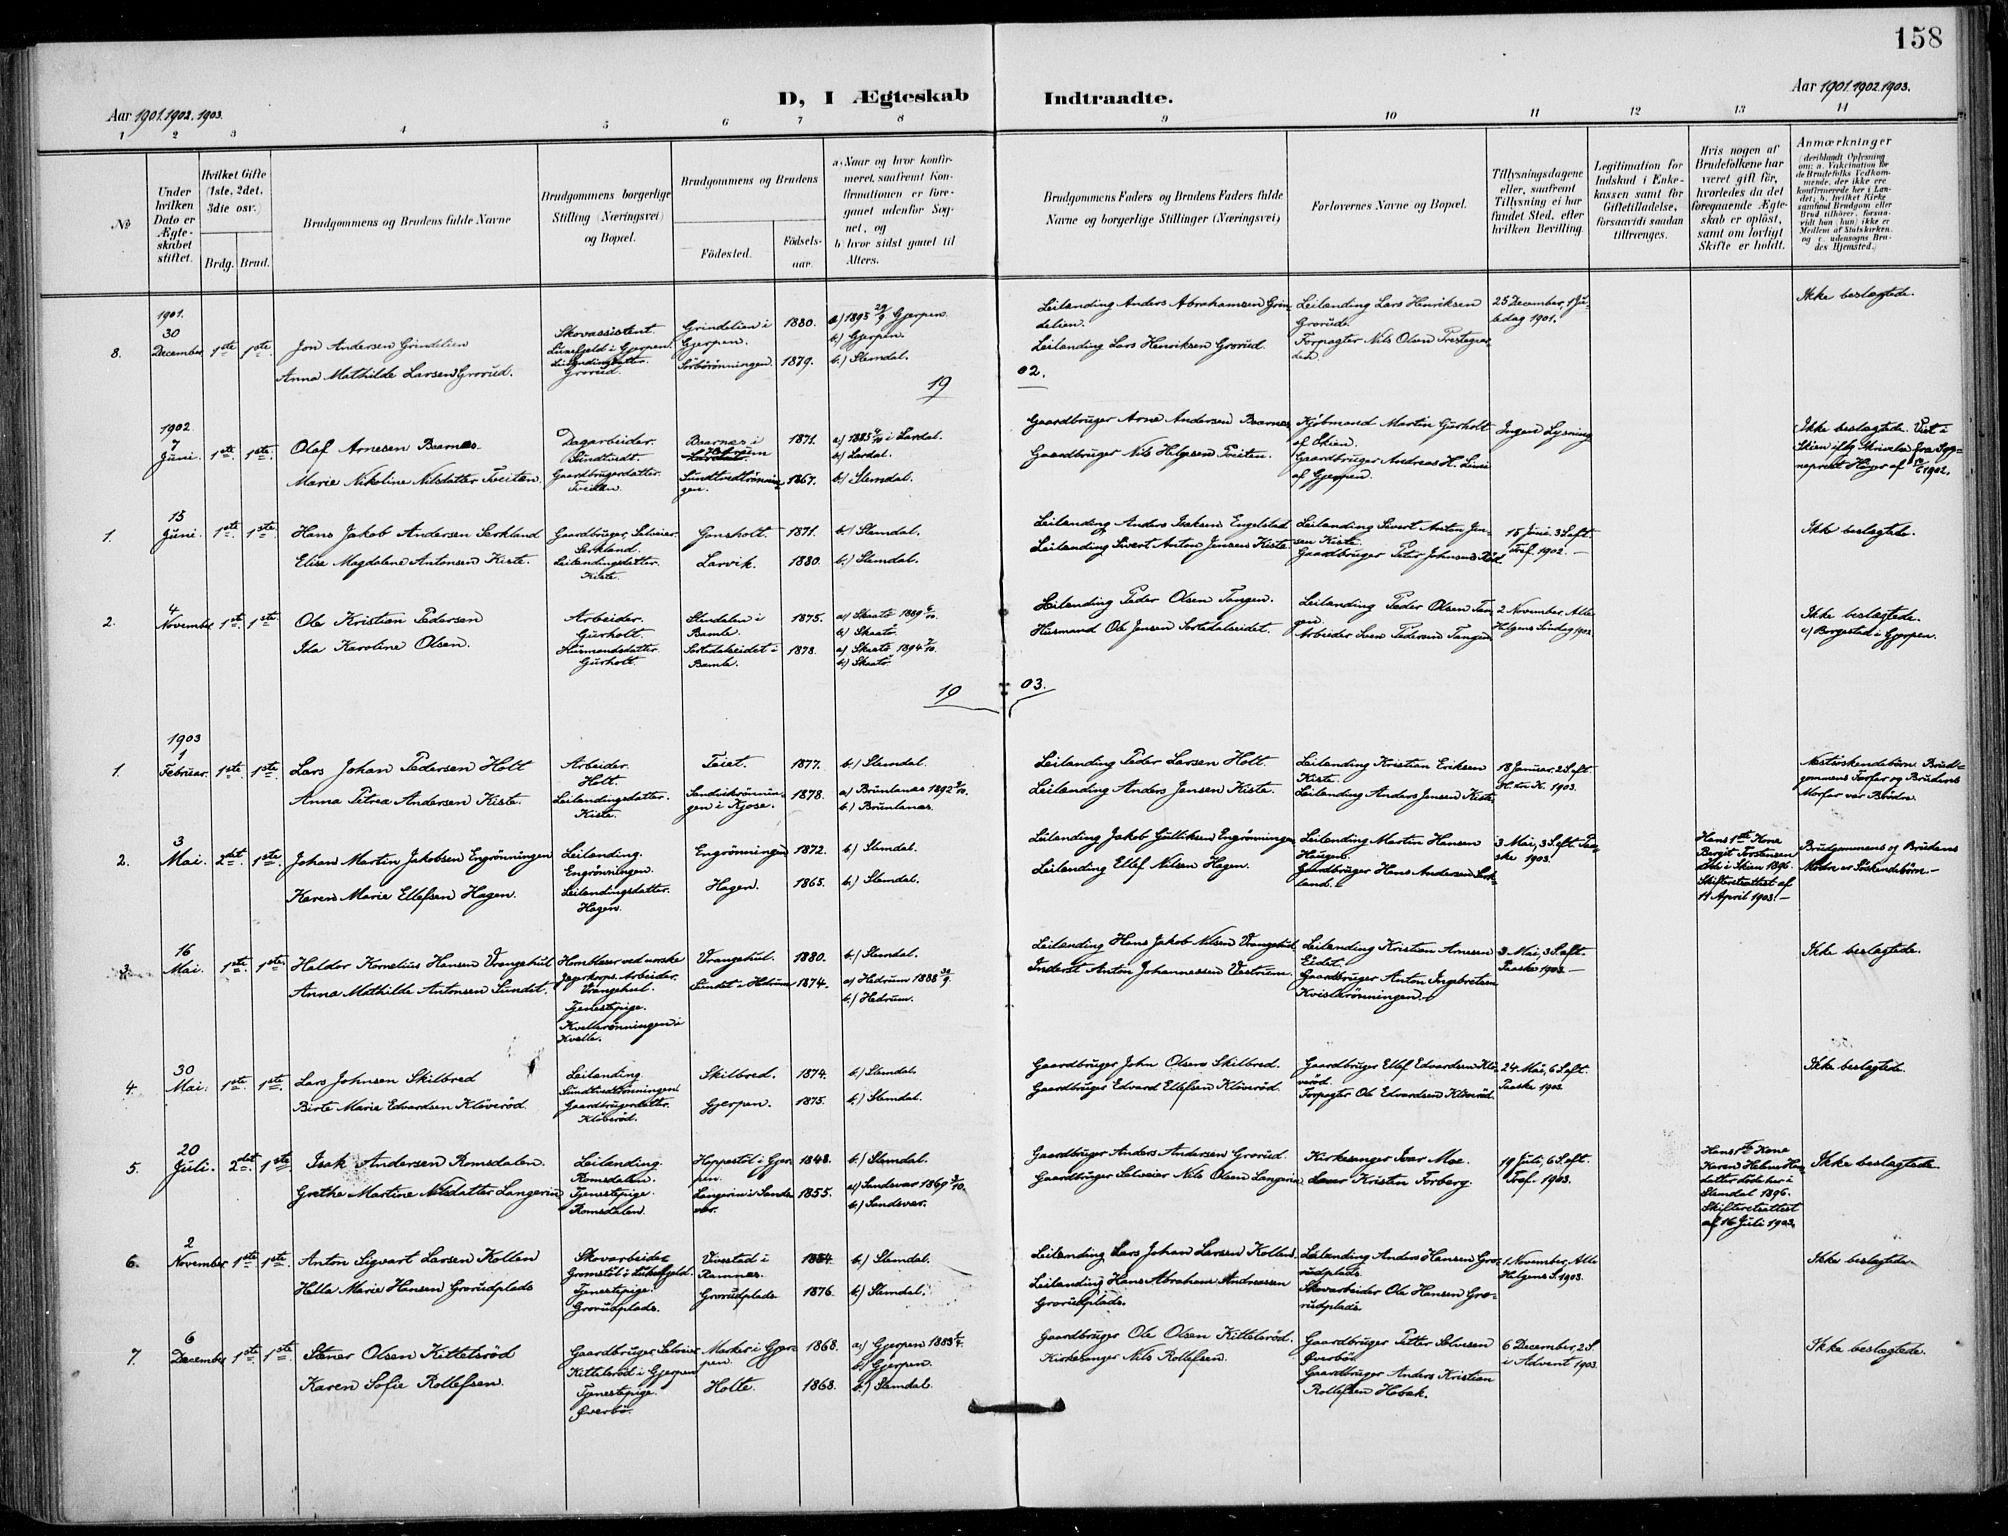 SAKO, Siljan kirkebøker, F/Fa/L0003: Ministerialbok nr. 3, 1896-1910, s. 158